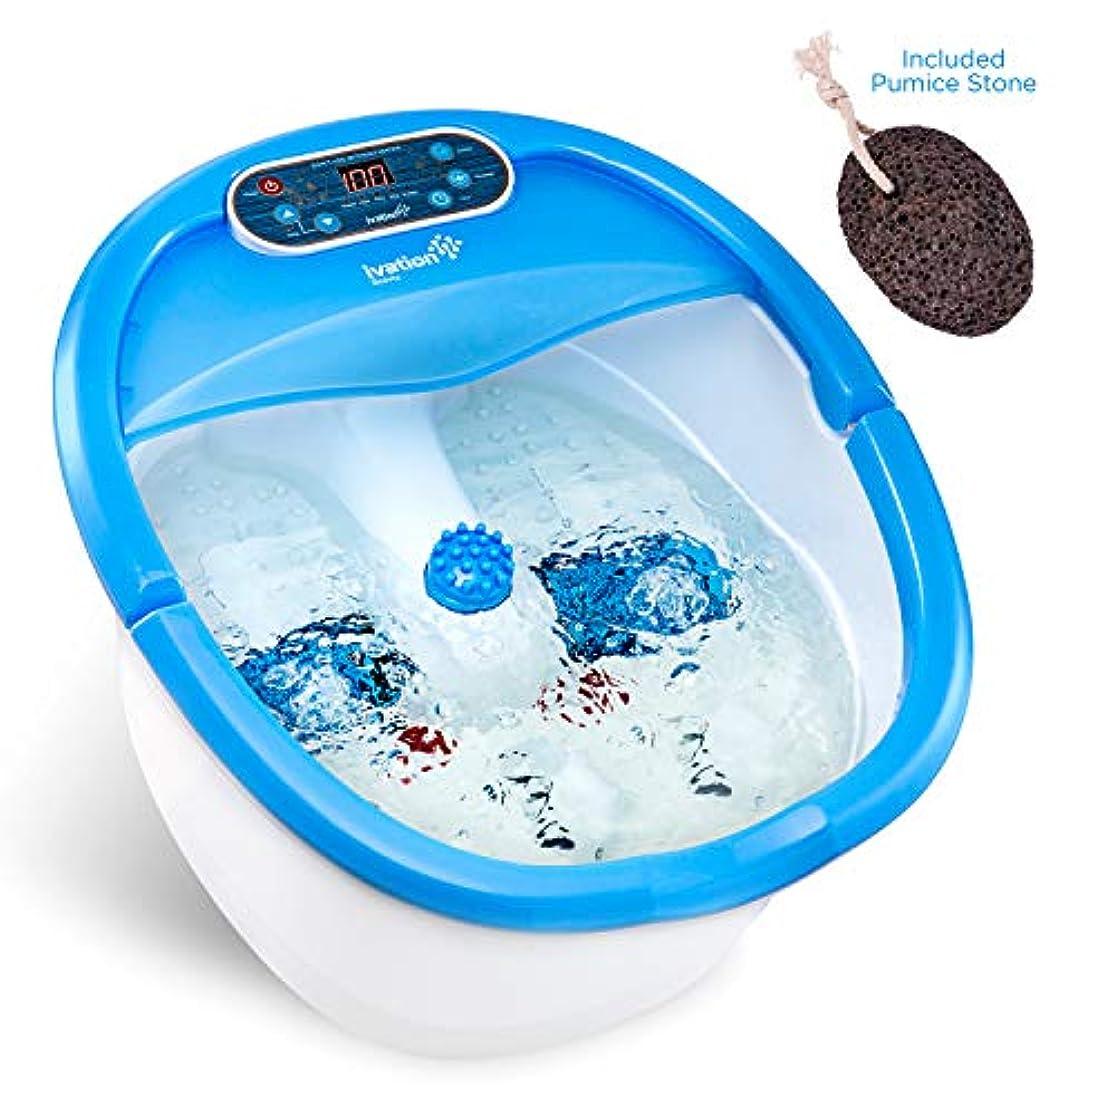 彼女の慈悲振り返るフォットスパ マッサージャー Ivation Foot Spa Massager - Heated Bath, Automatic Massage Rollers, Vibration, Bubbles, Digital...